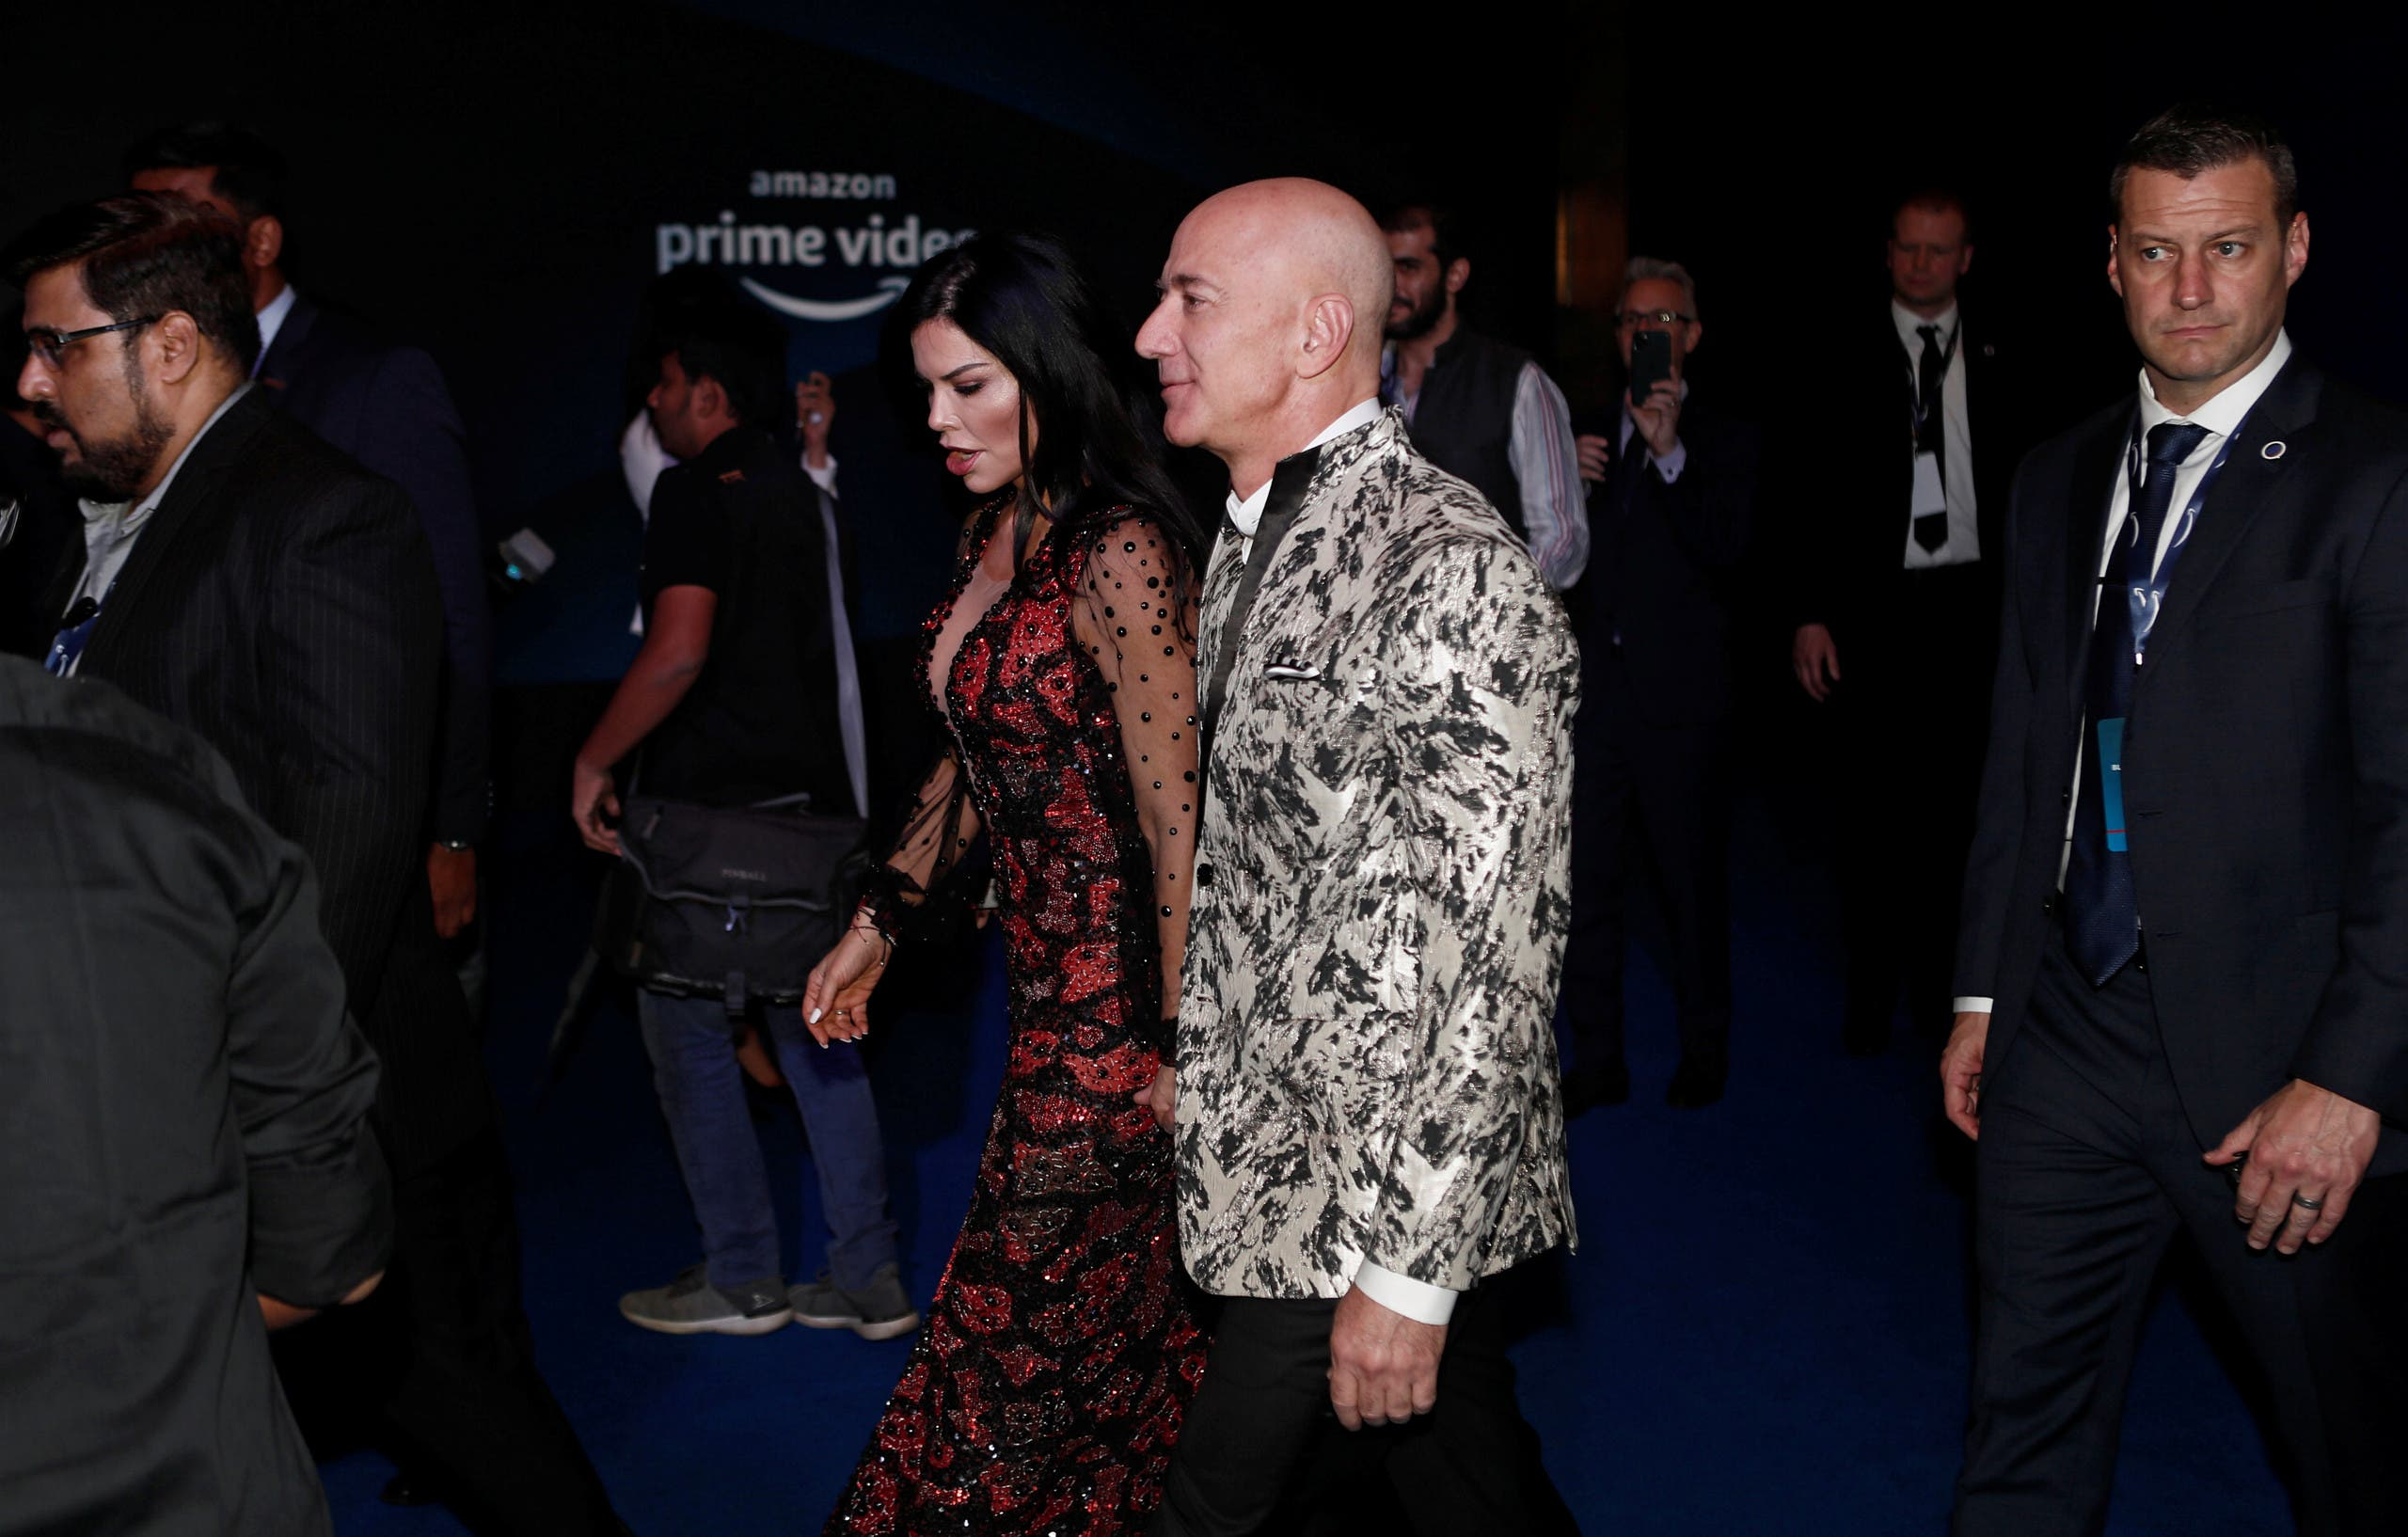 جيف بيزوس وعشيقته لورين سانشيز